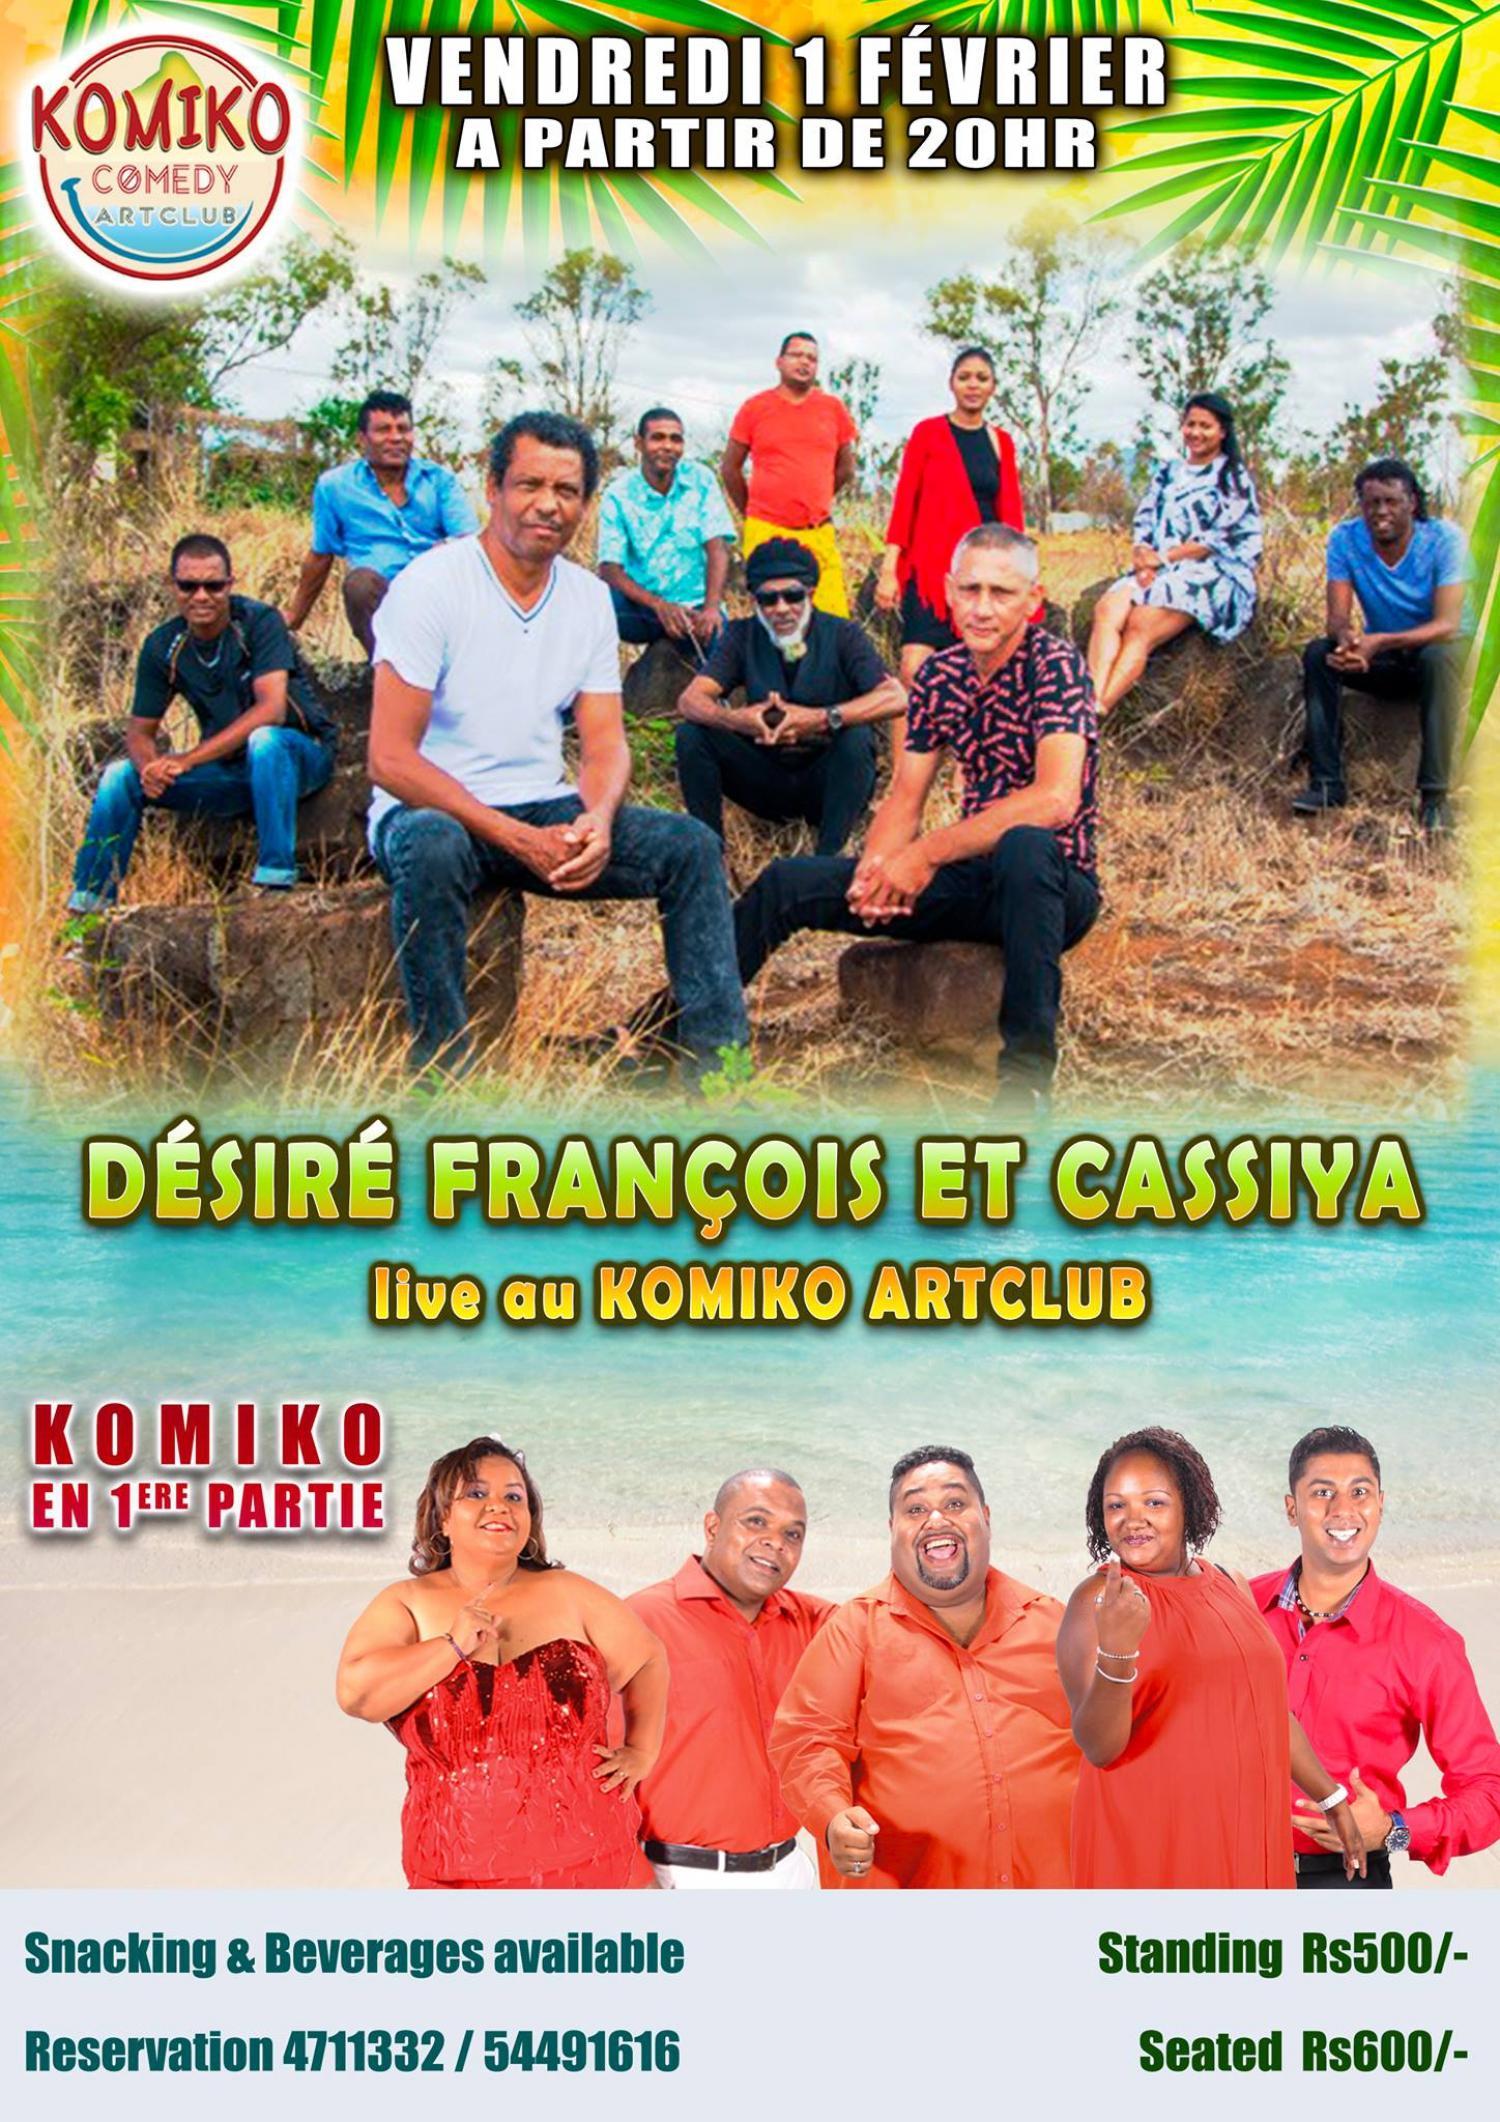 Desire Francois & Cassiya & Komiko